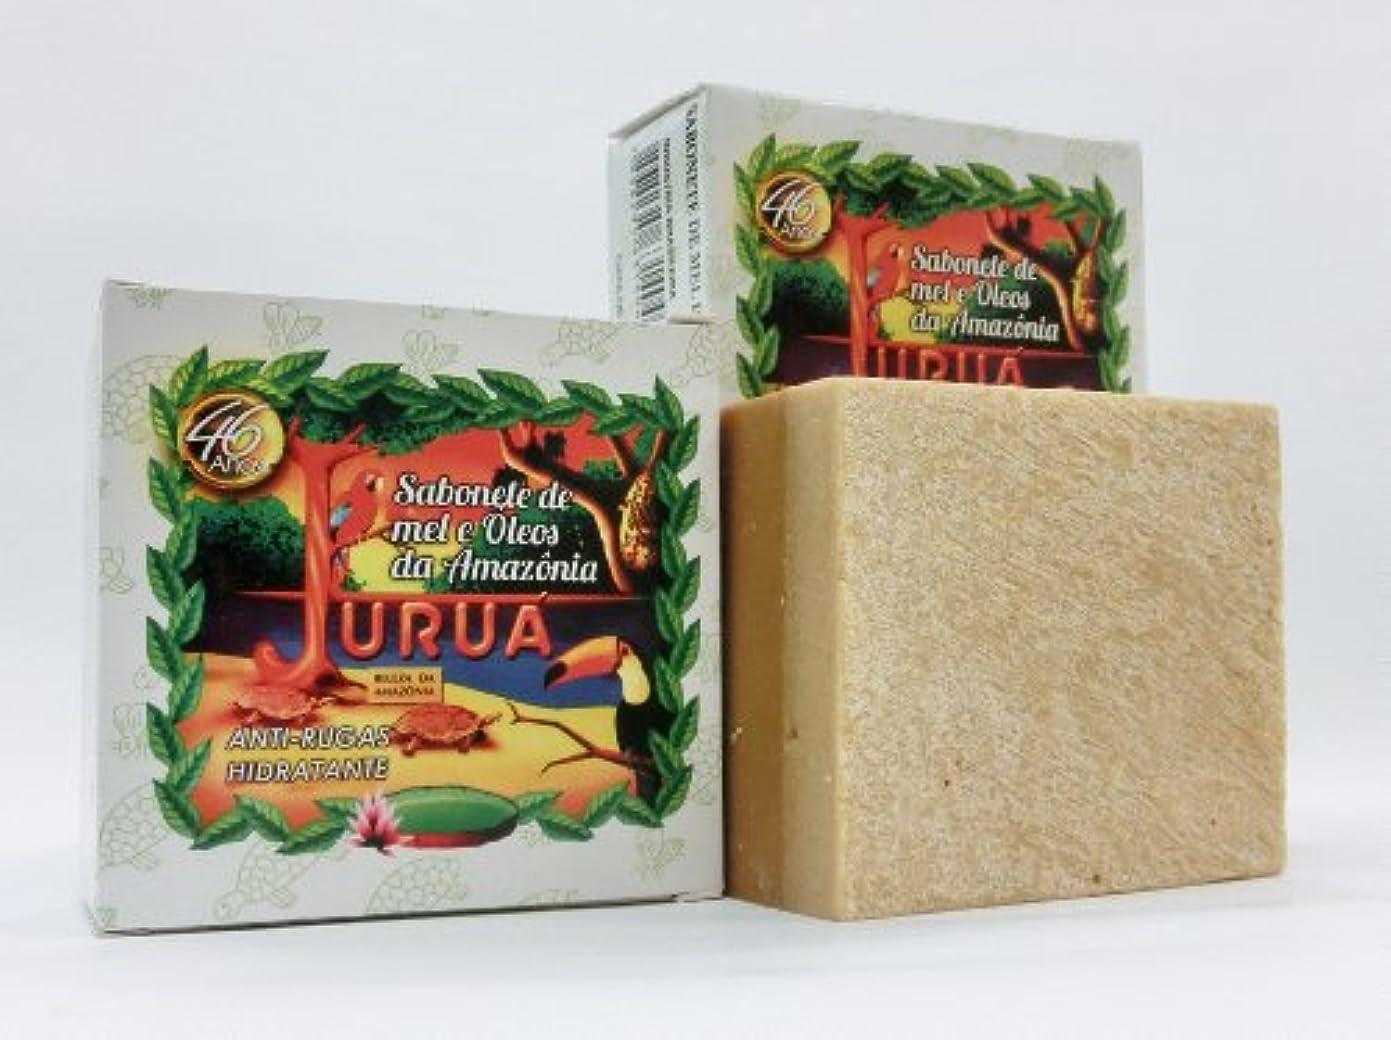 レザー戸口樫の木JURUA石鹸 (大180g) 2個セット